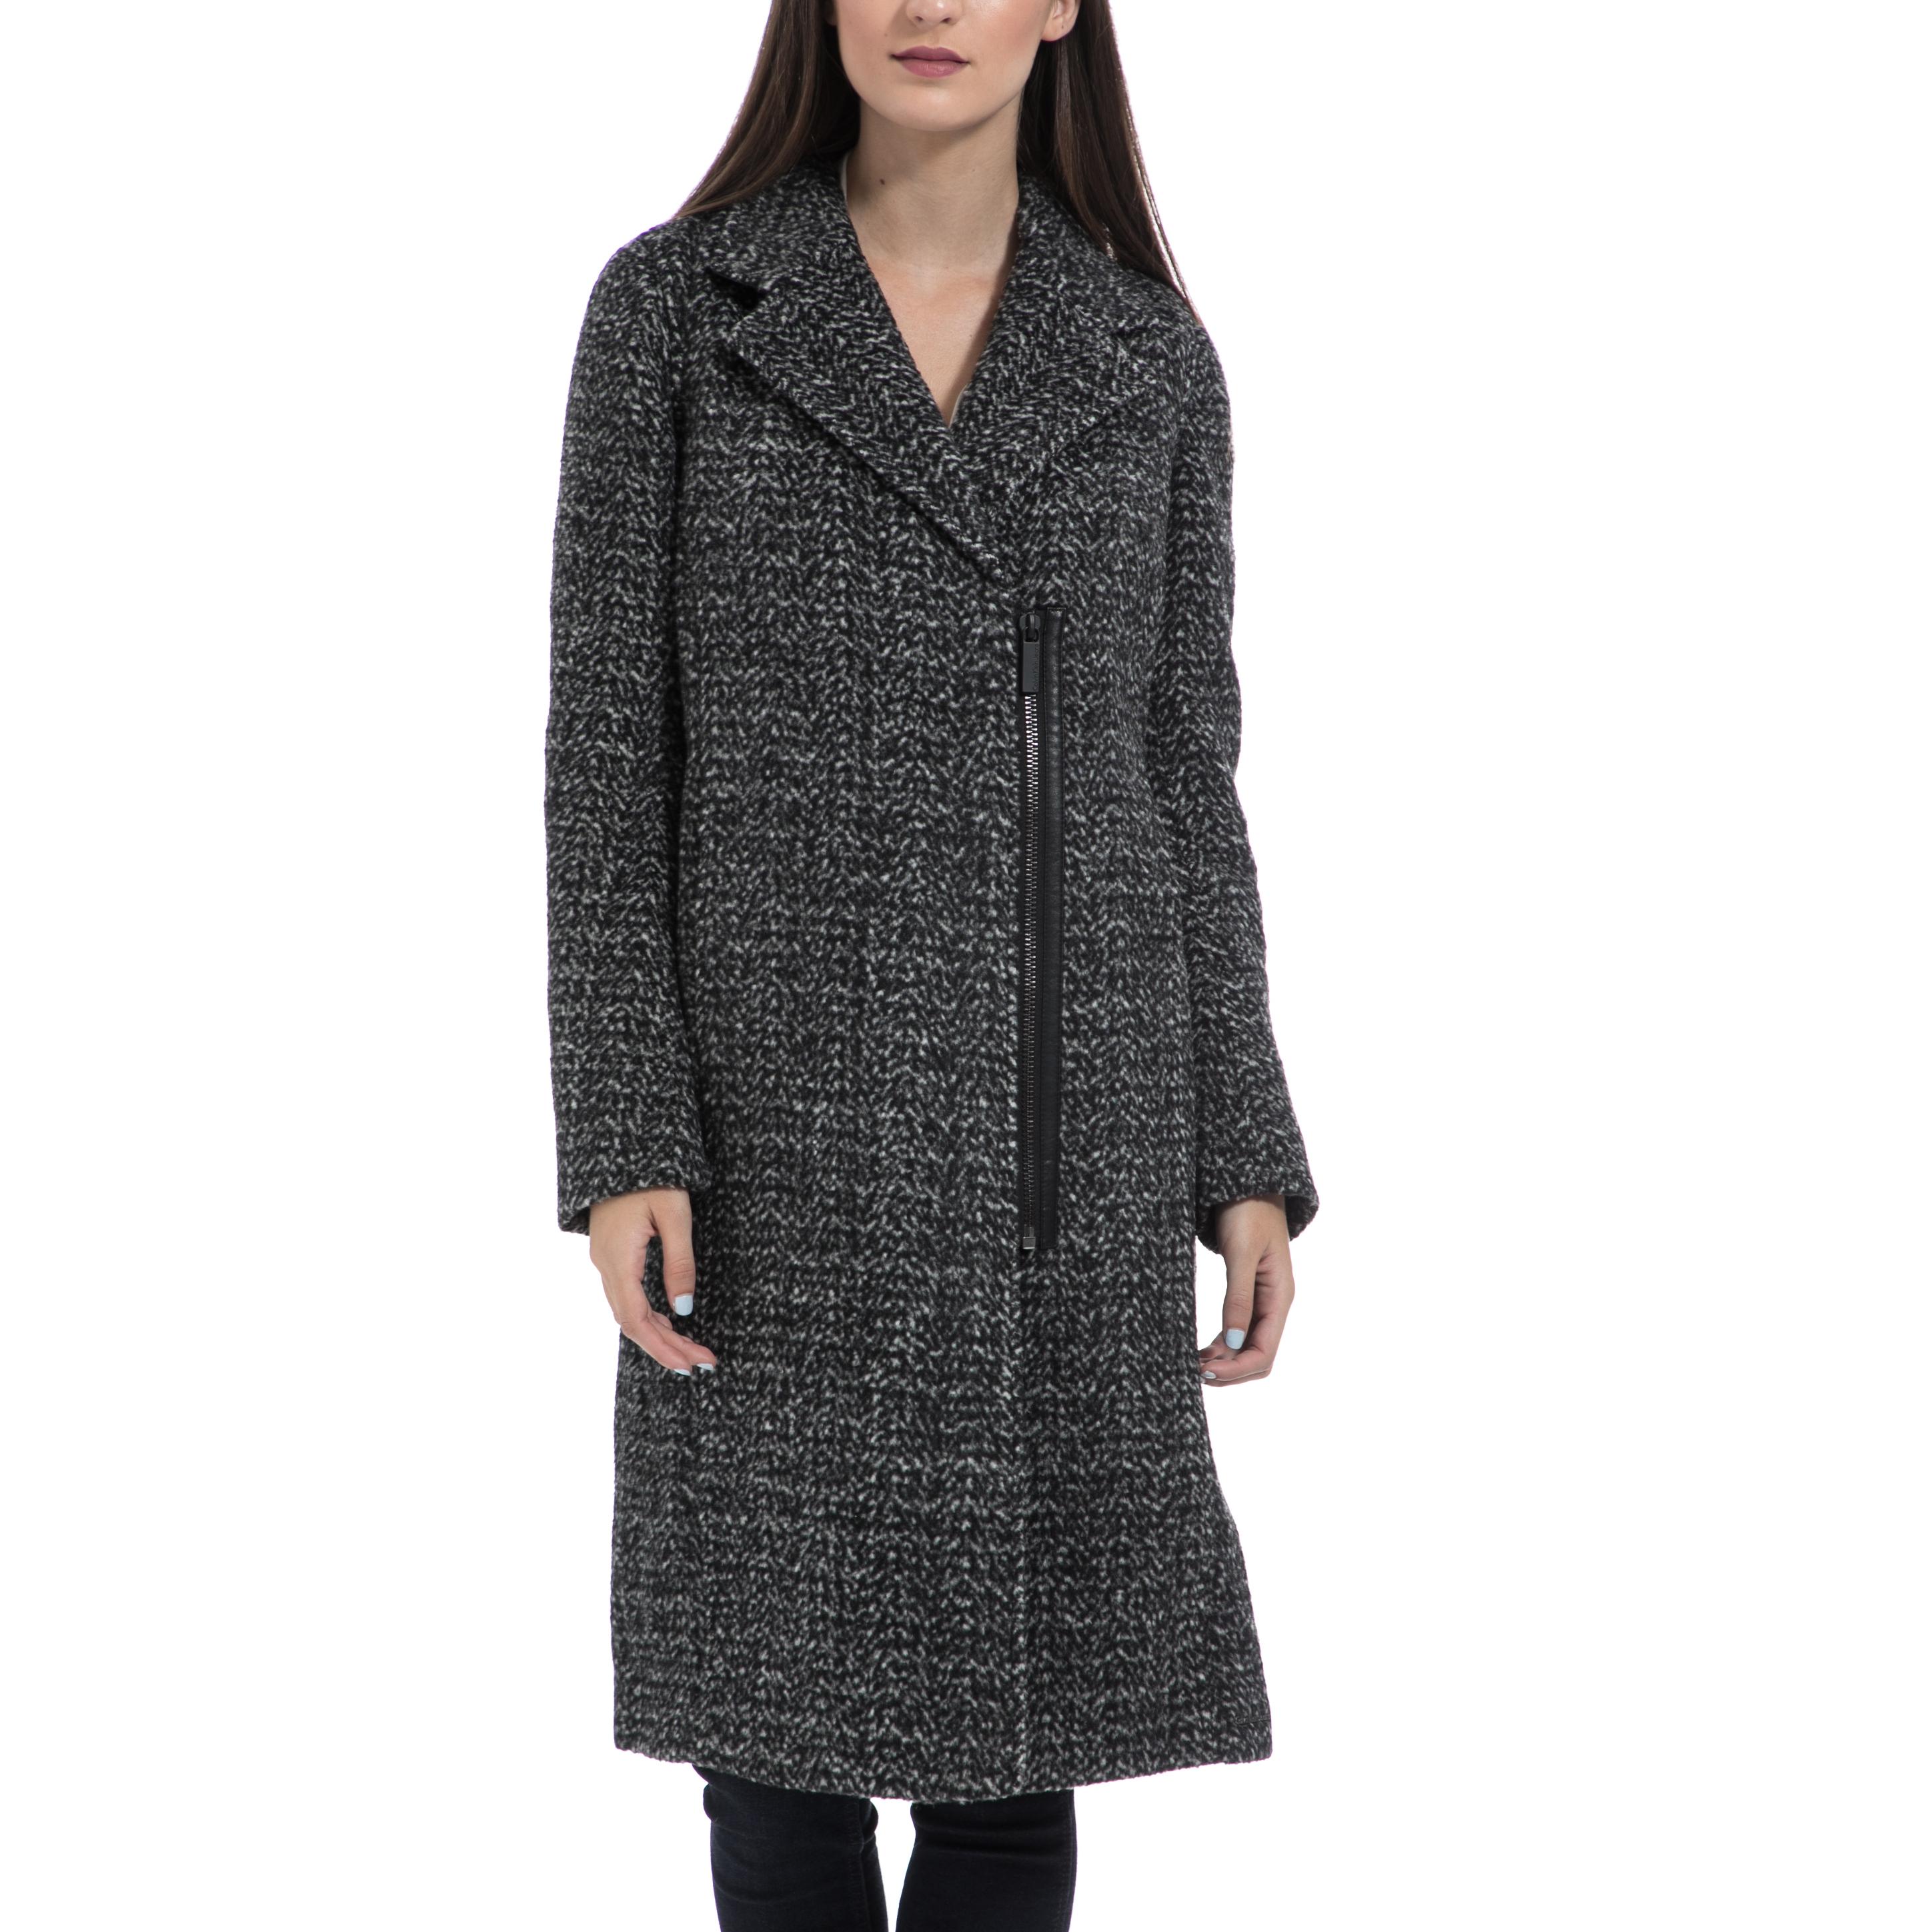 CALVIN KLEIN JEANS - Γυναικείο παλτό CALVIN KLEIN JEANS γκρι γυναικεία ρούχα πανωφόρια παλτό